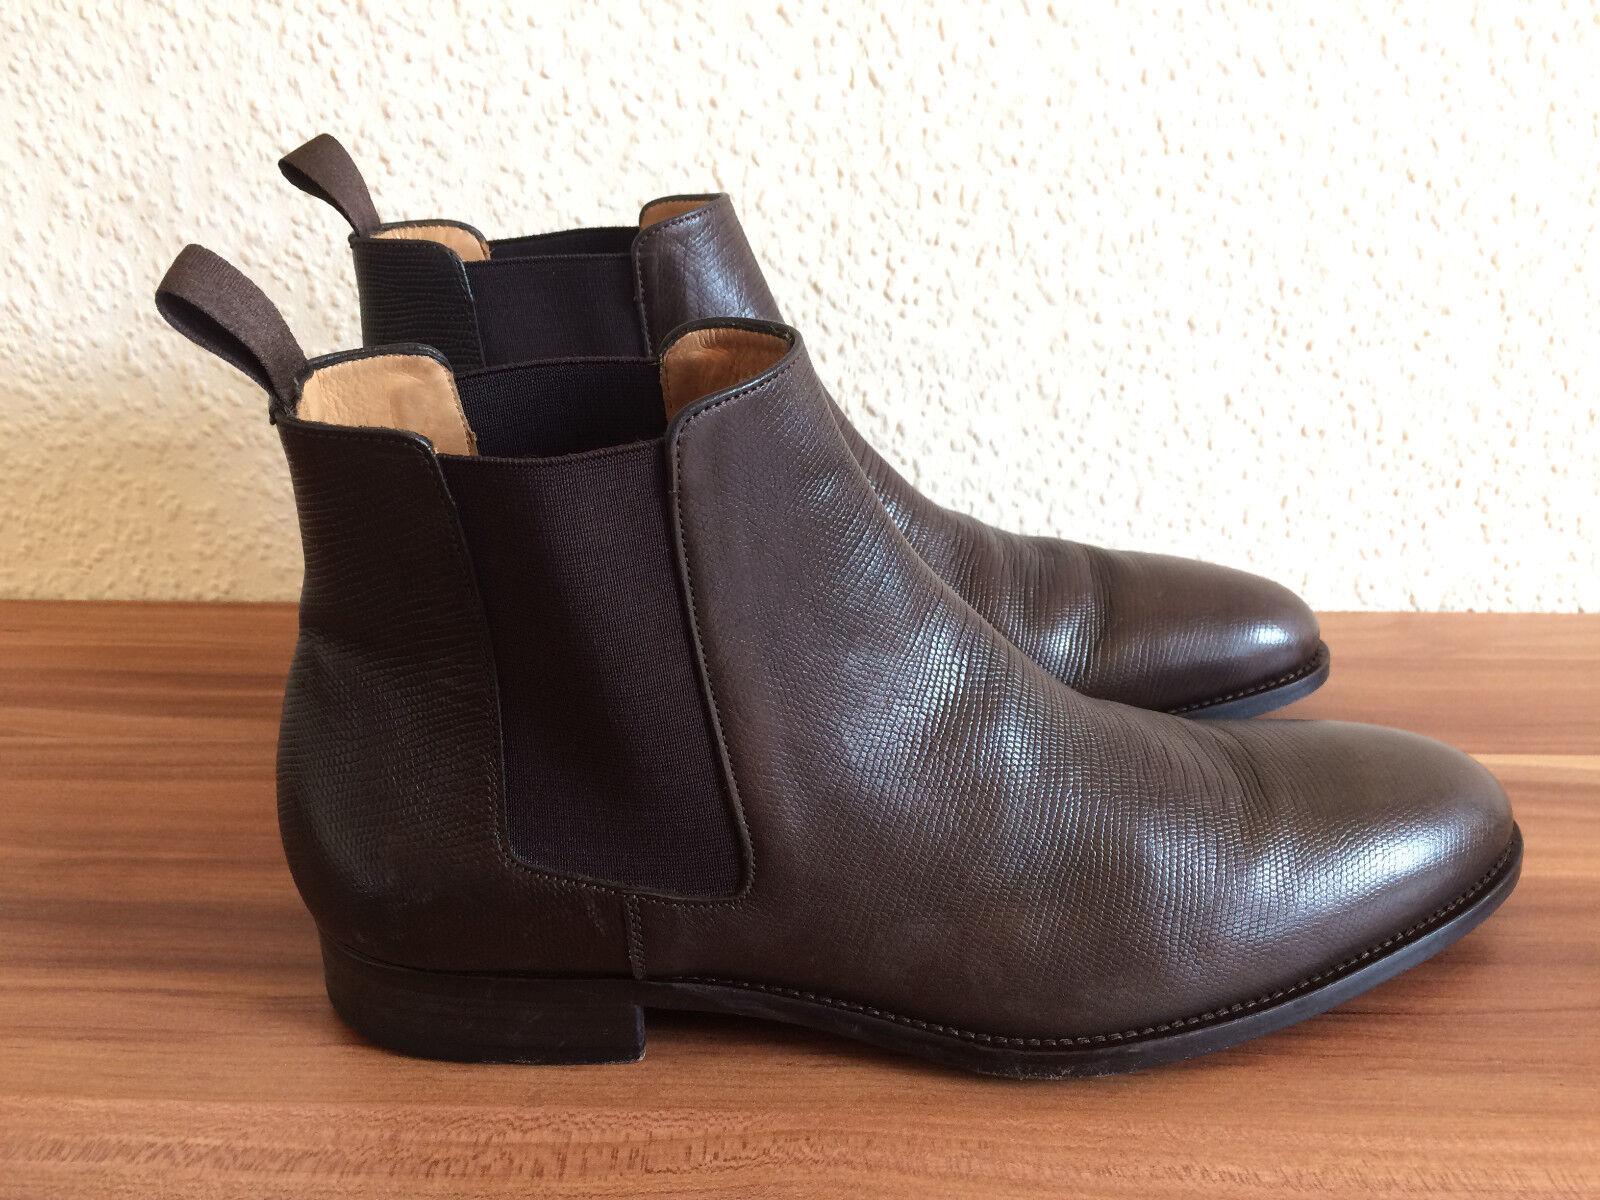 Super Baldessarini Hugo Boss Stiefelette Chelsea 45 Boots Schuhe Leder Gr. 45 Chelsea Top 95fef0